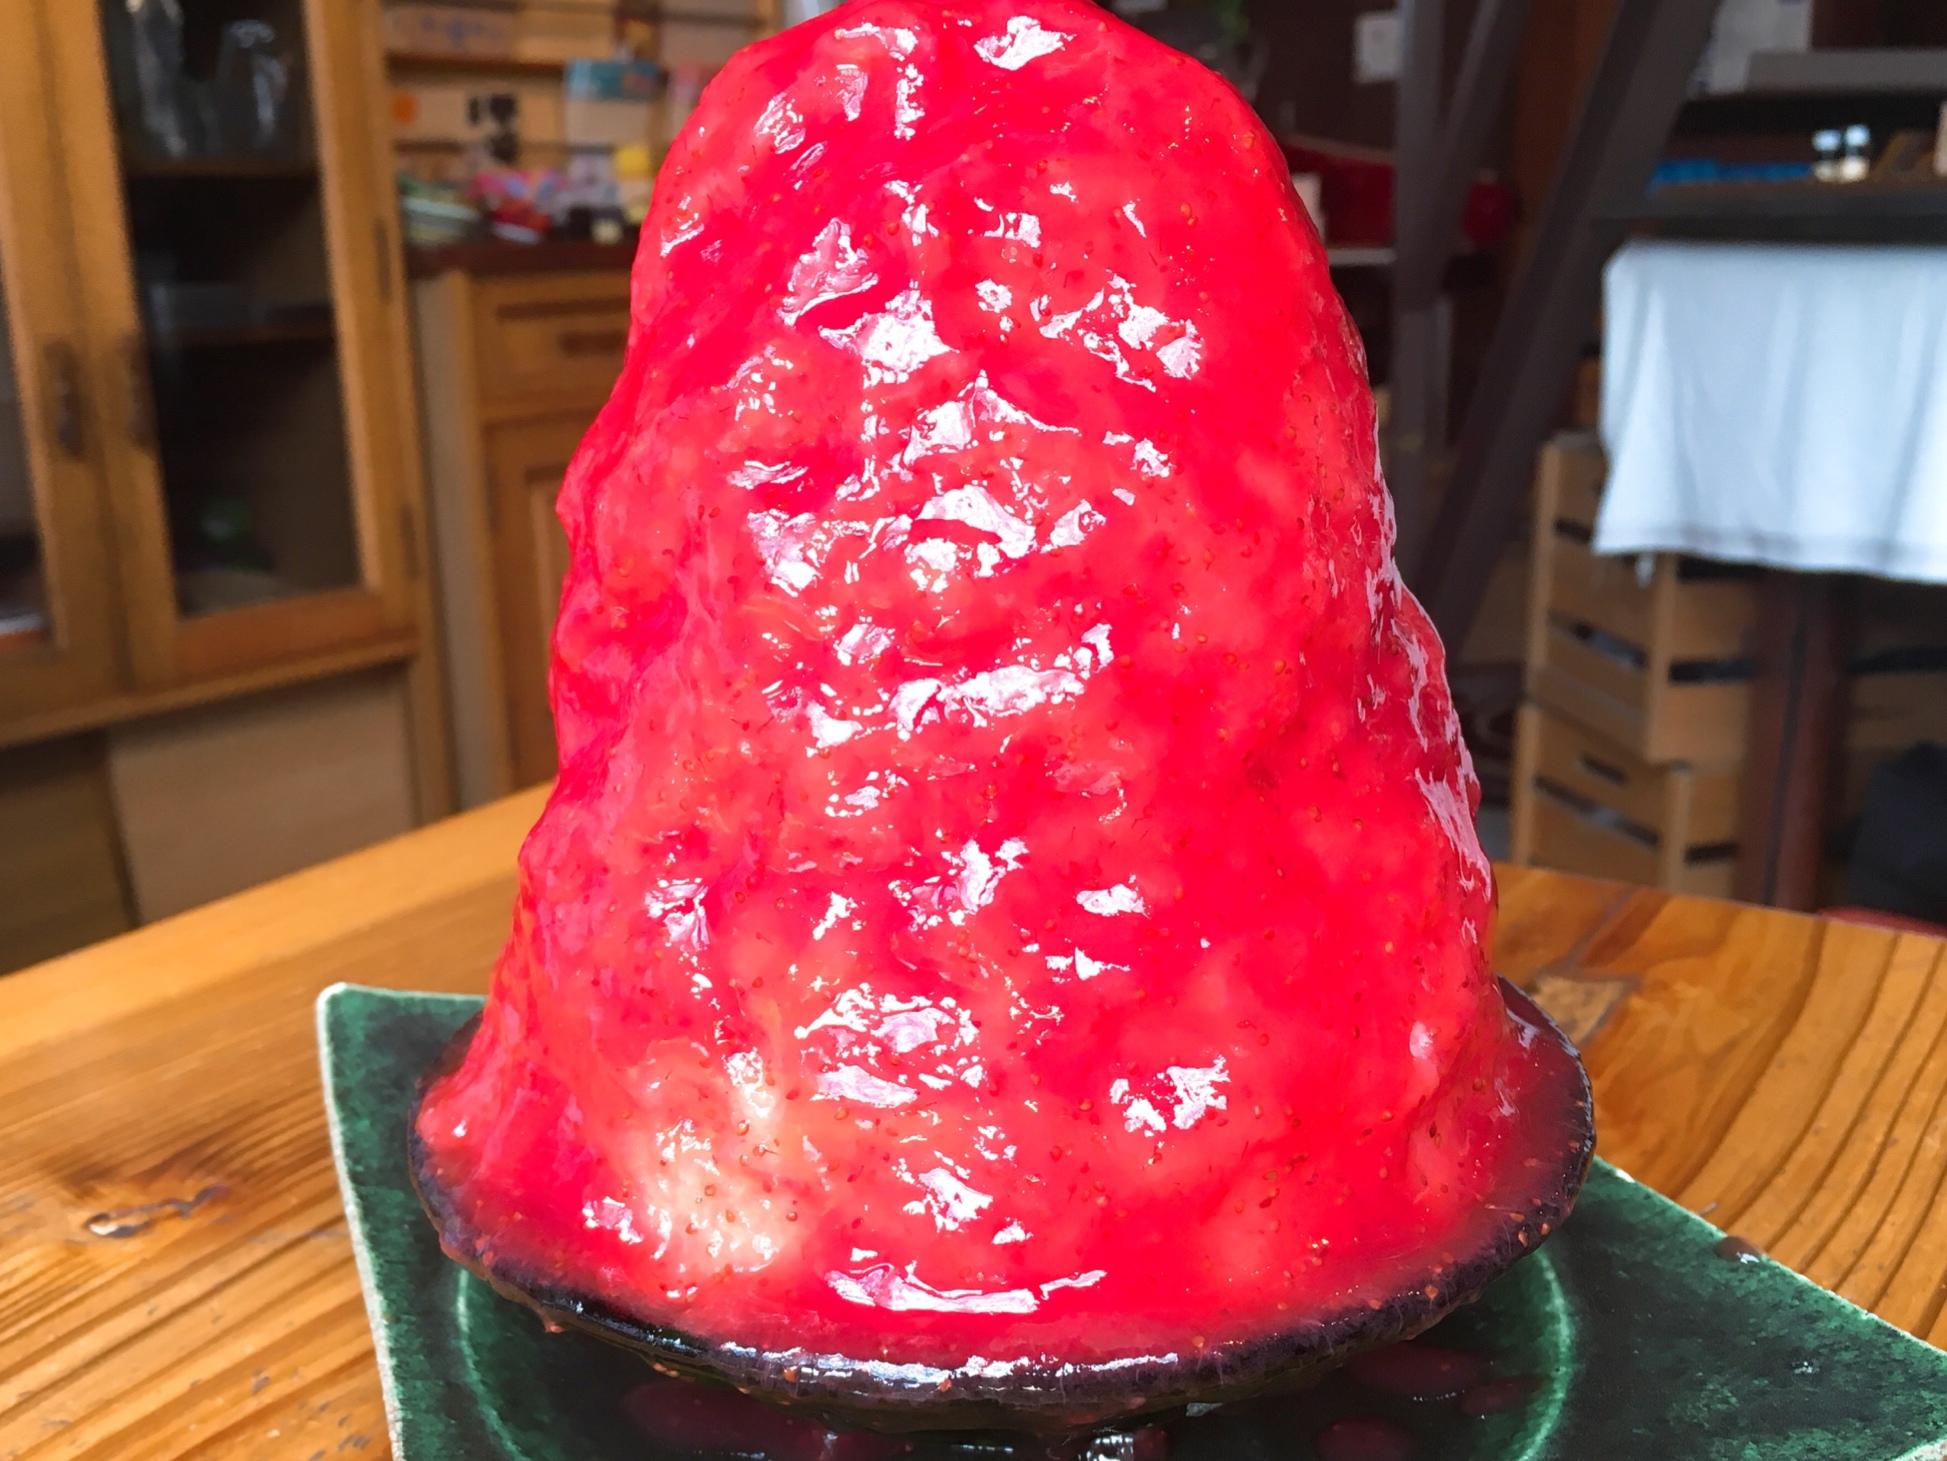 尼ヶ坂|インパクト大!毎年人気の真っ赤に艶めくかき氷